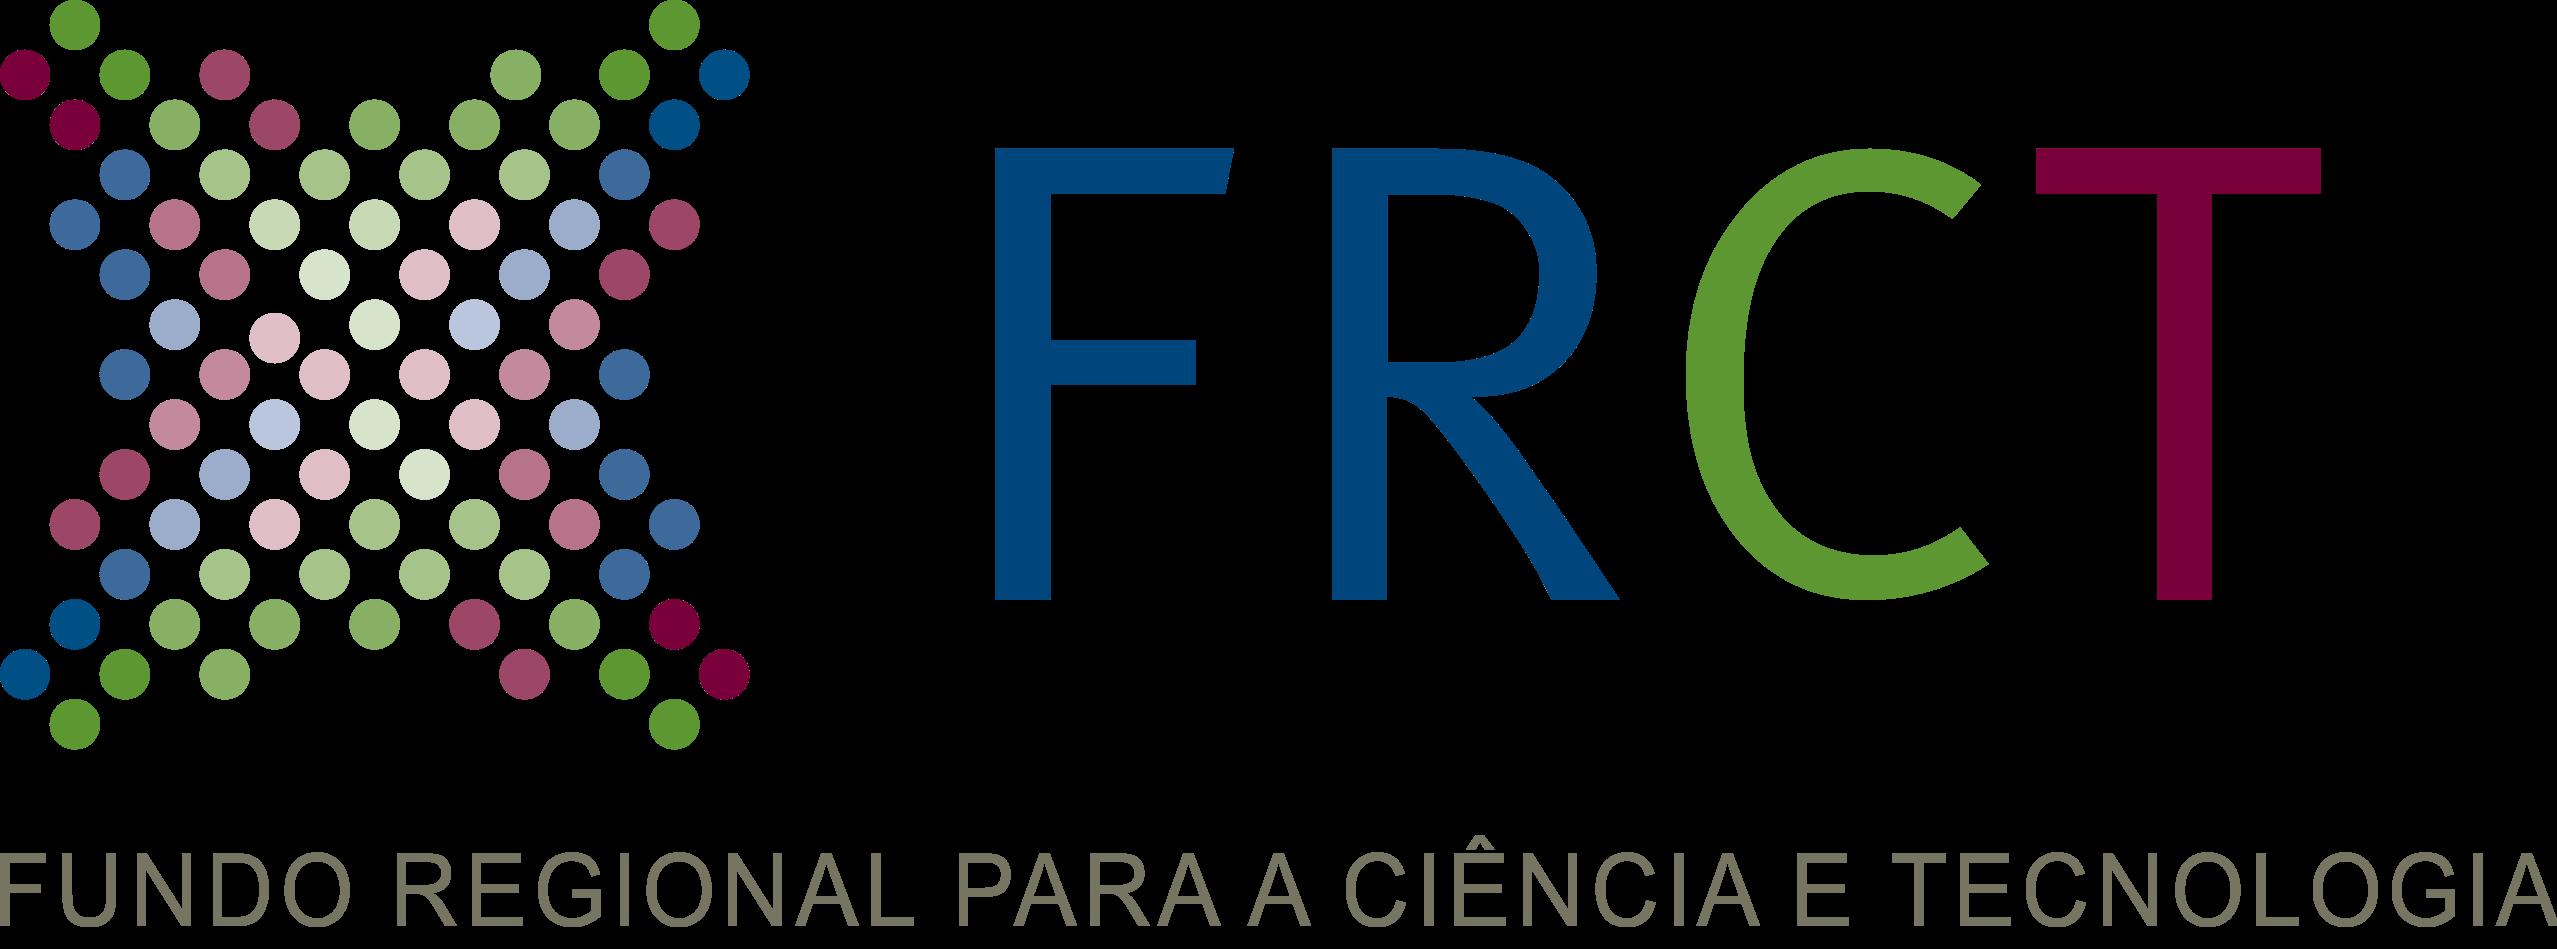 FRCT Logo